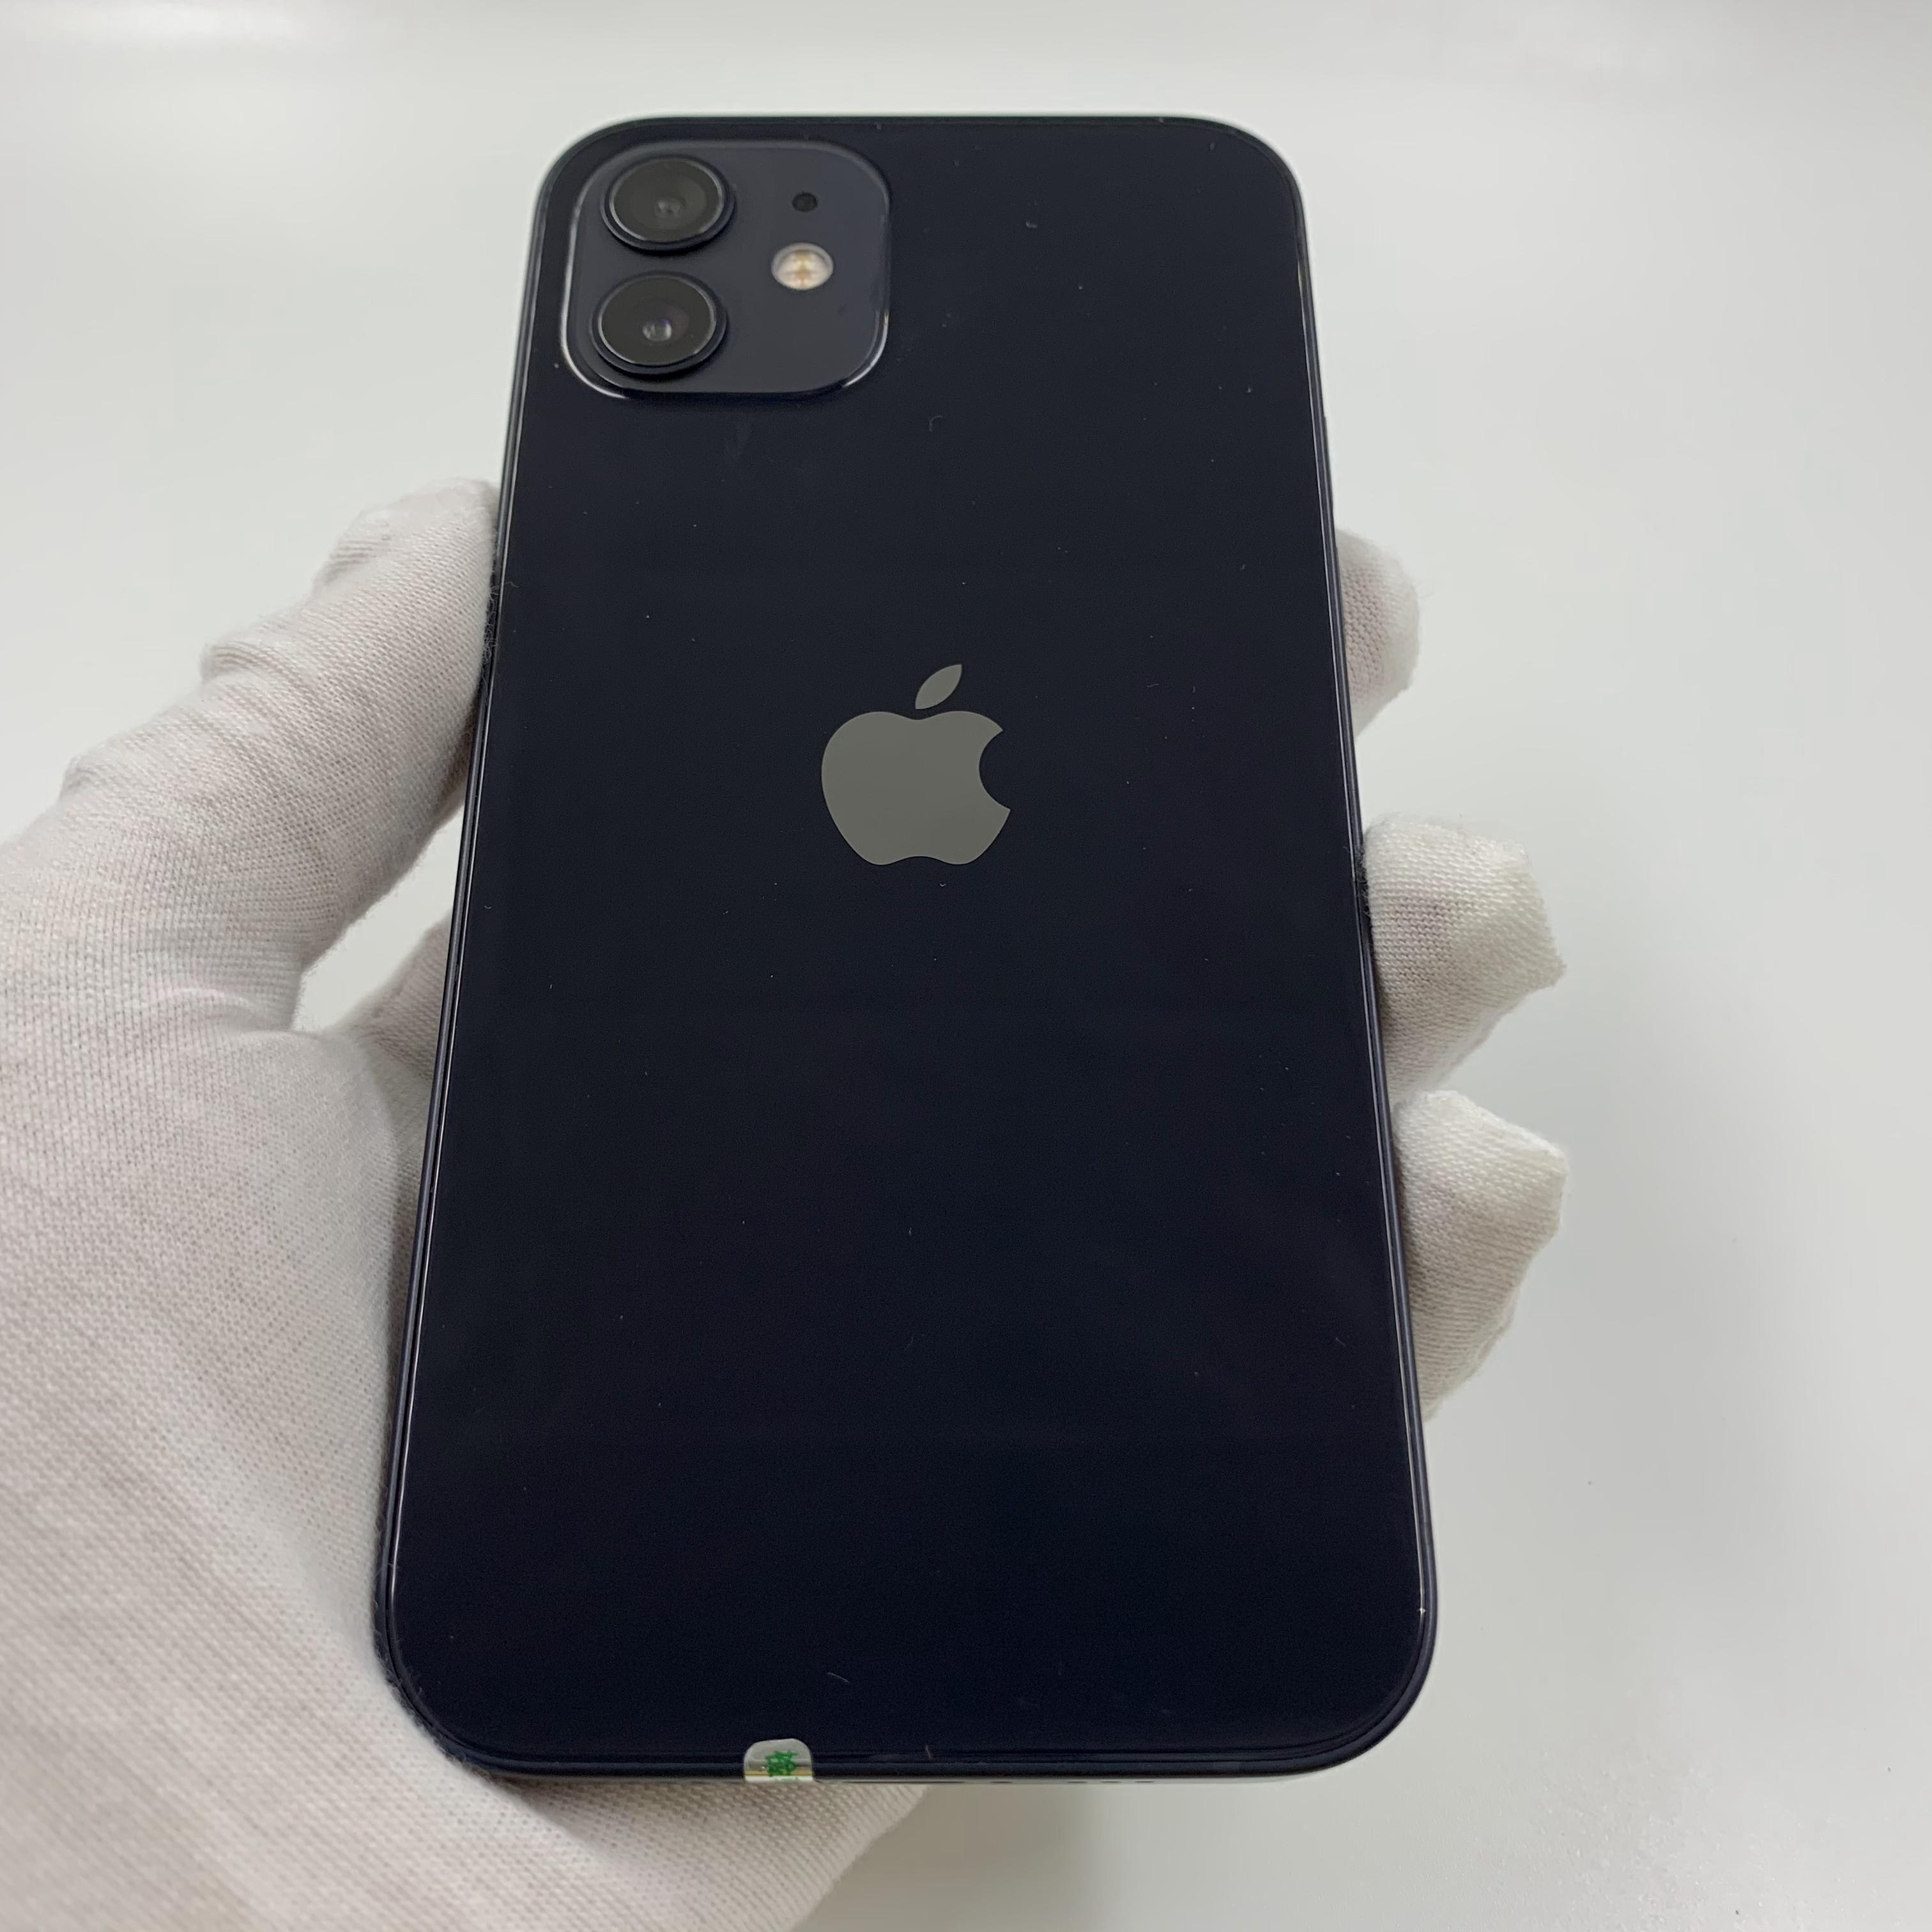 苹果【iPhone 12】5G全网通 黑色 64G 国行 95新 真机实拍官保2021-12-29